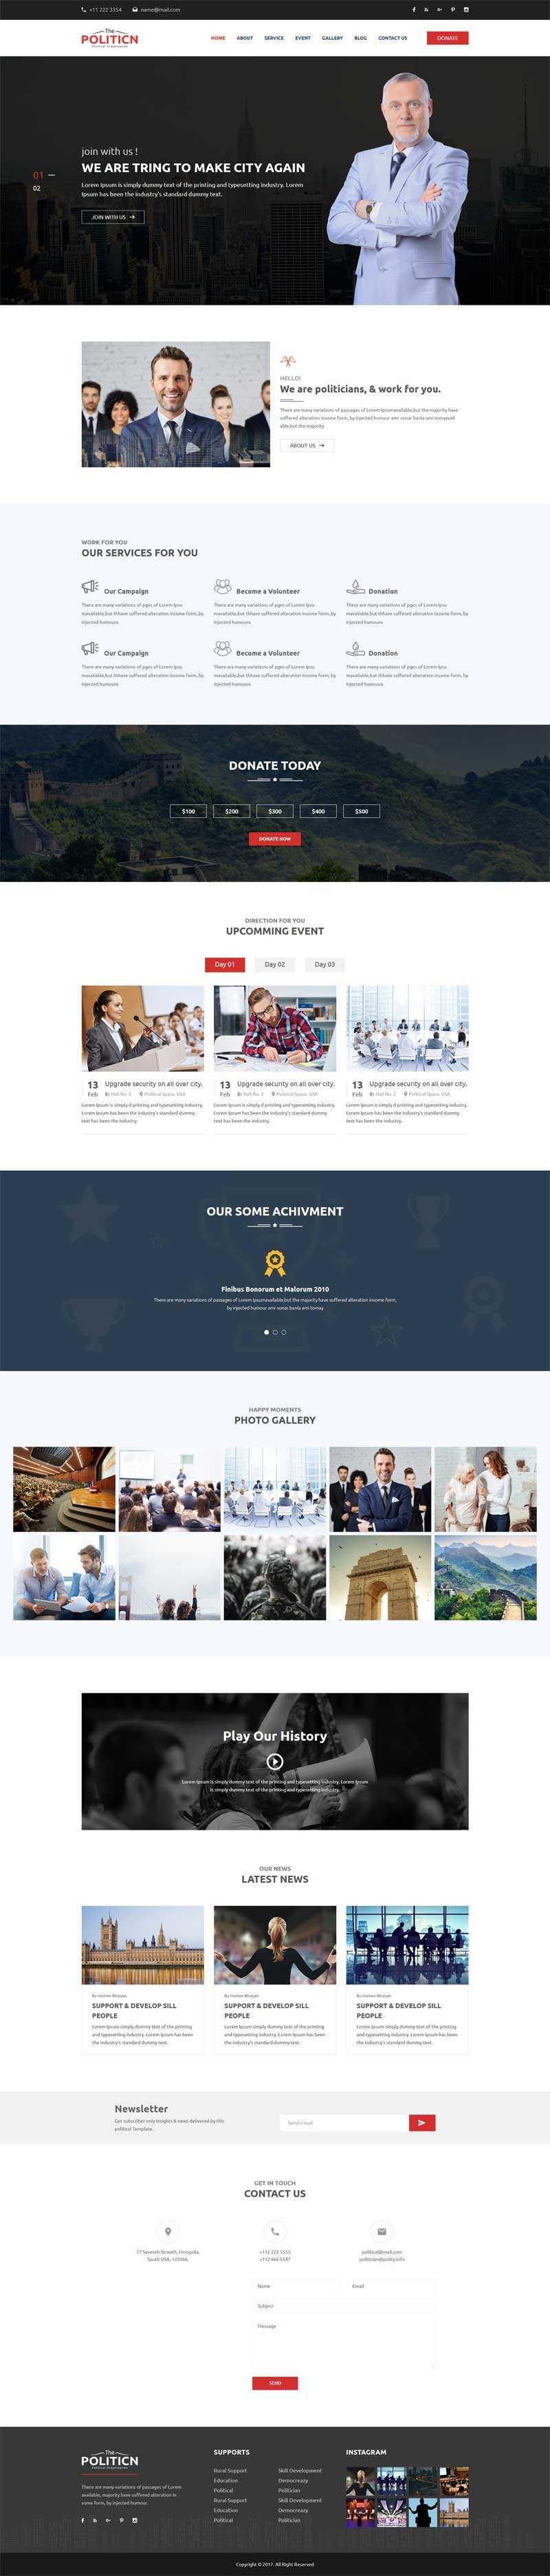 金融投资服务公司官网模板